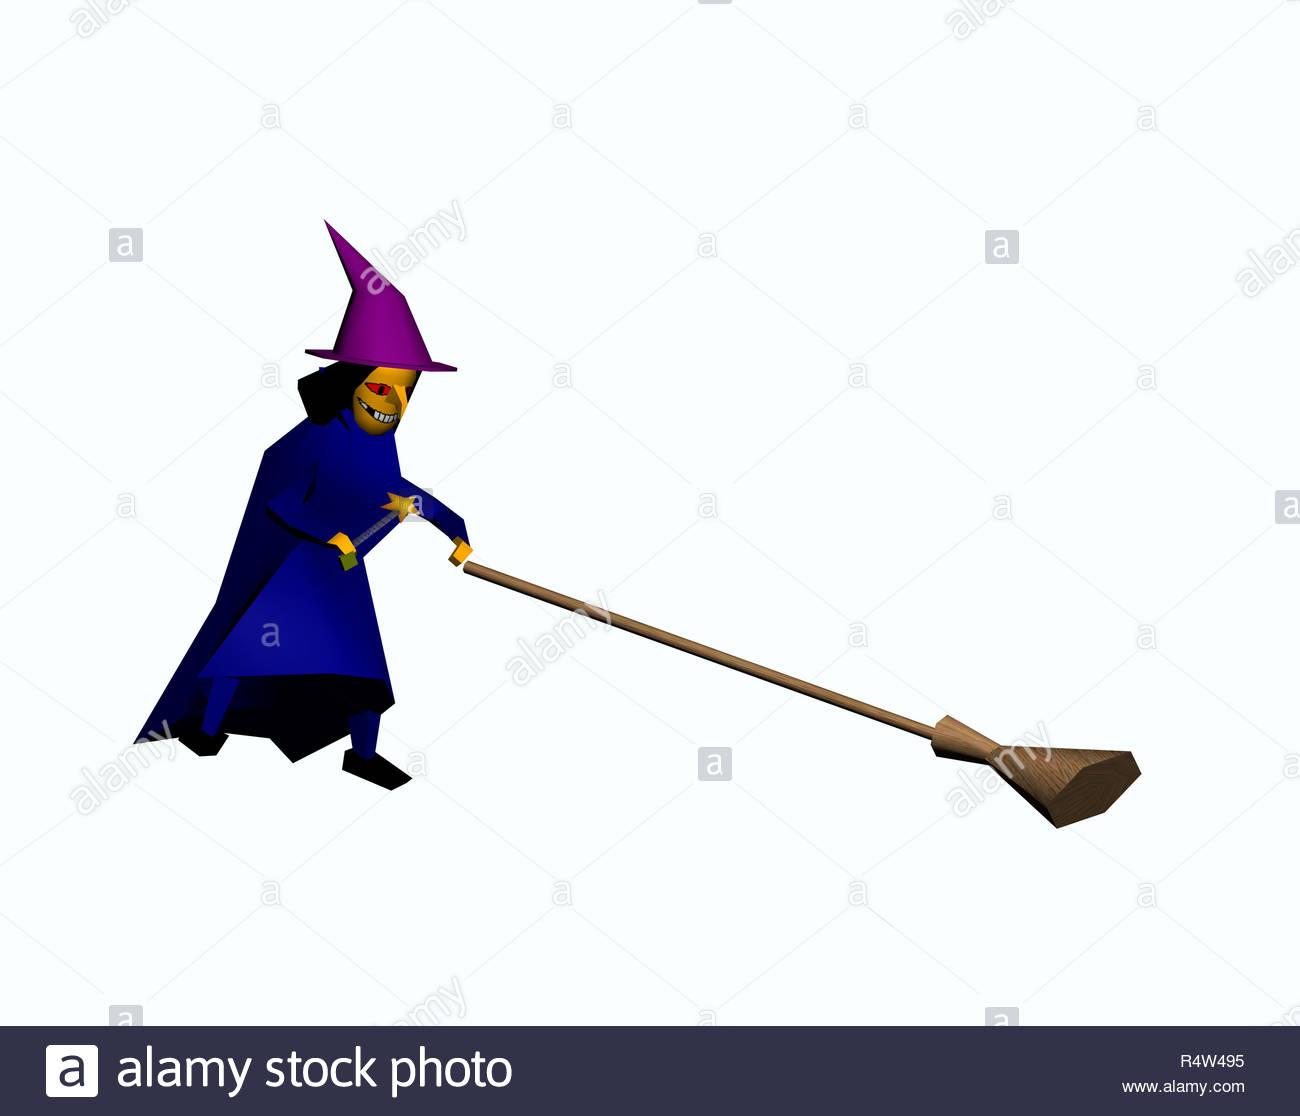 Cartoon Witch Photos & Cartoon Witch Images - Page 4 - Alamy avec Image De Sorcière Gratuite